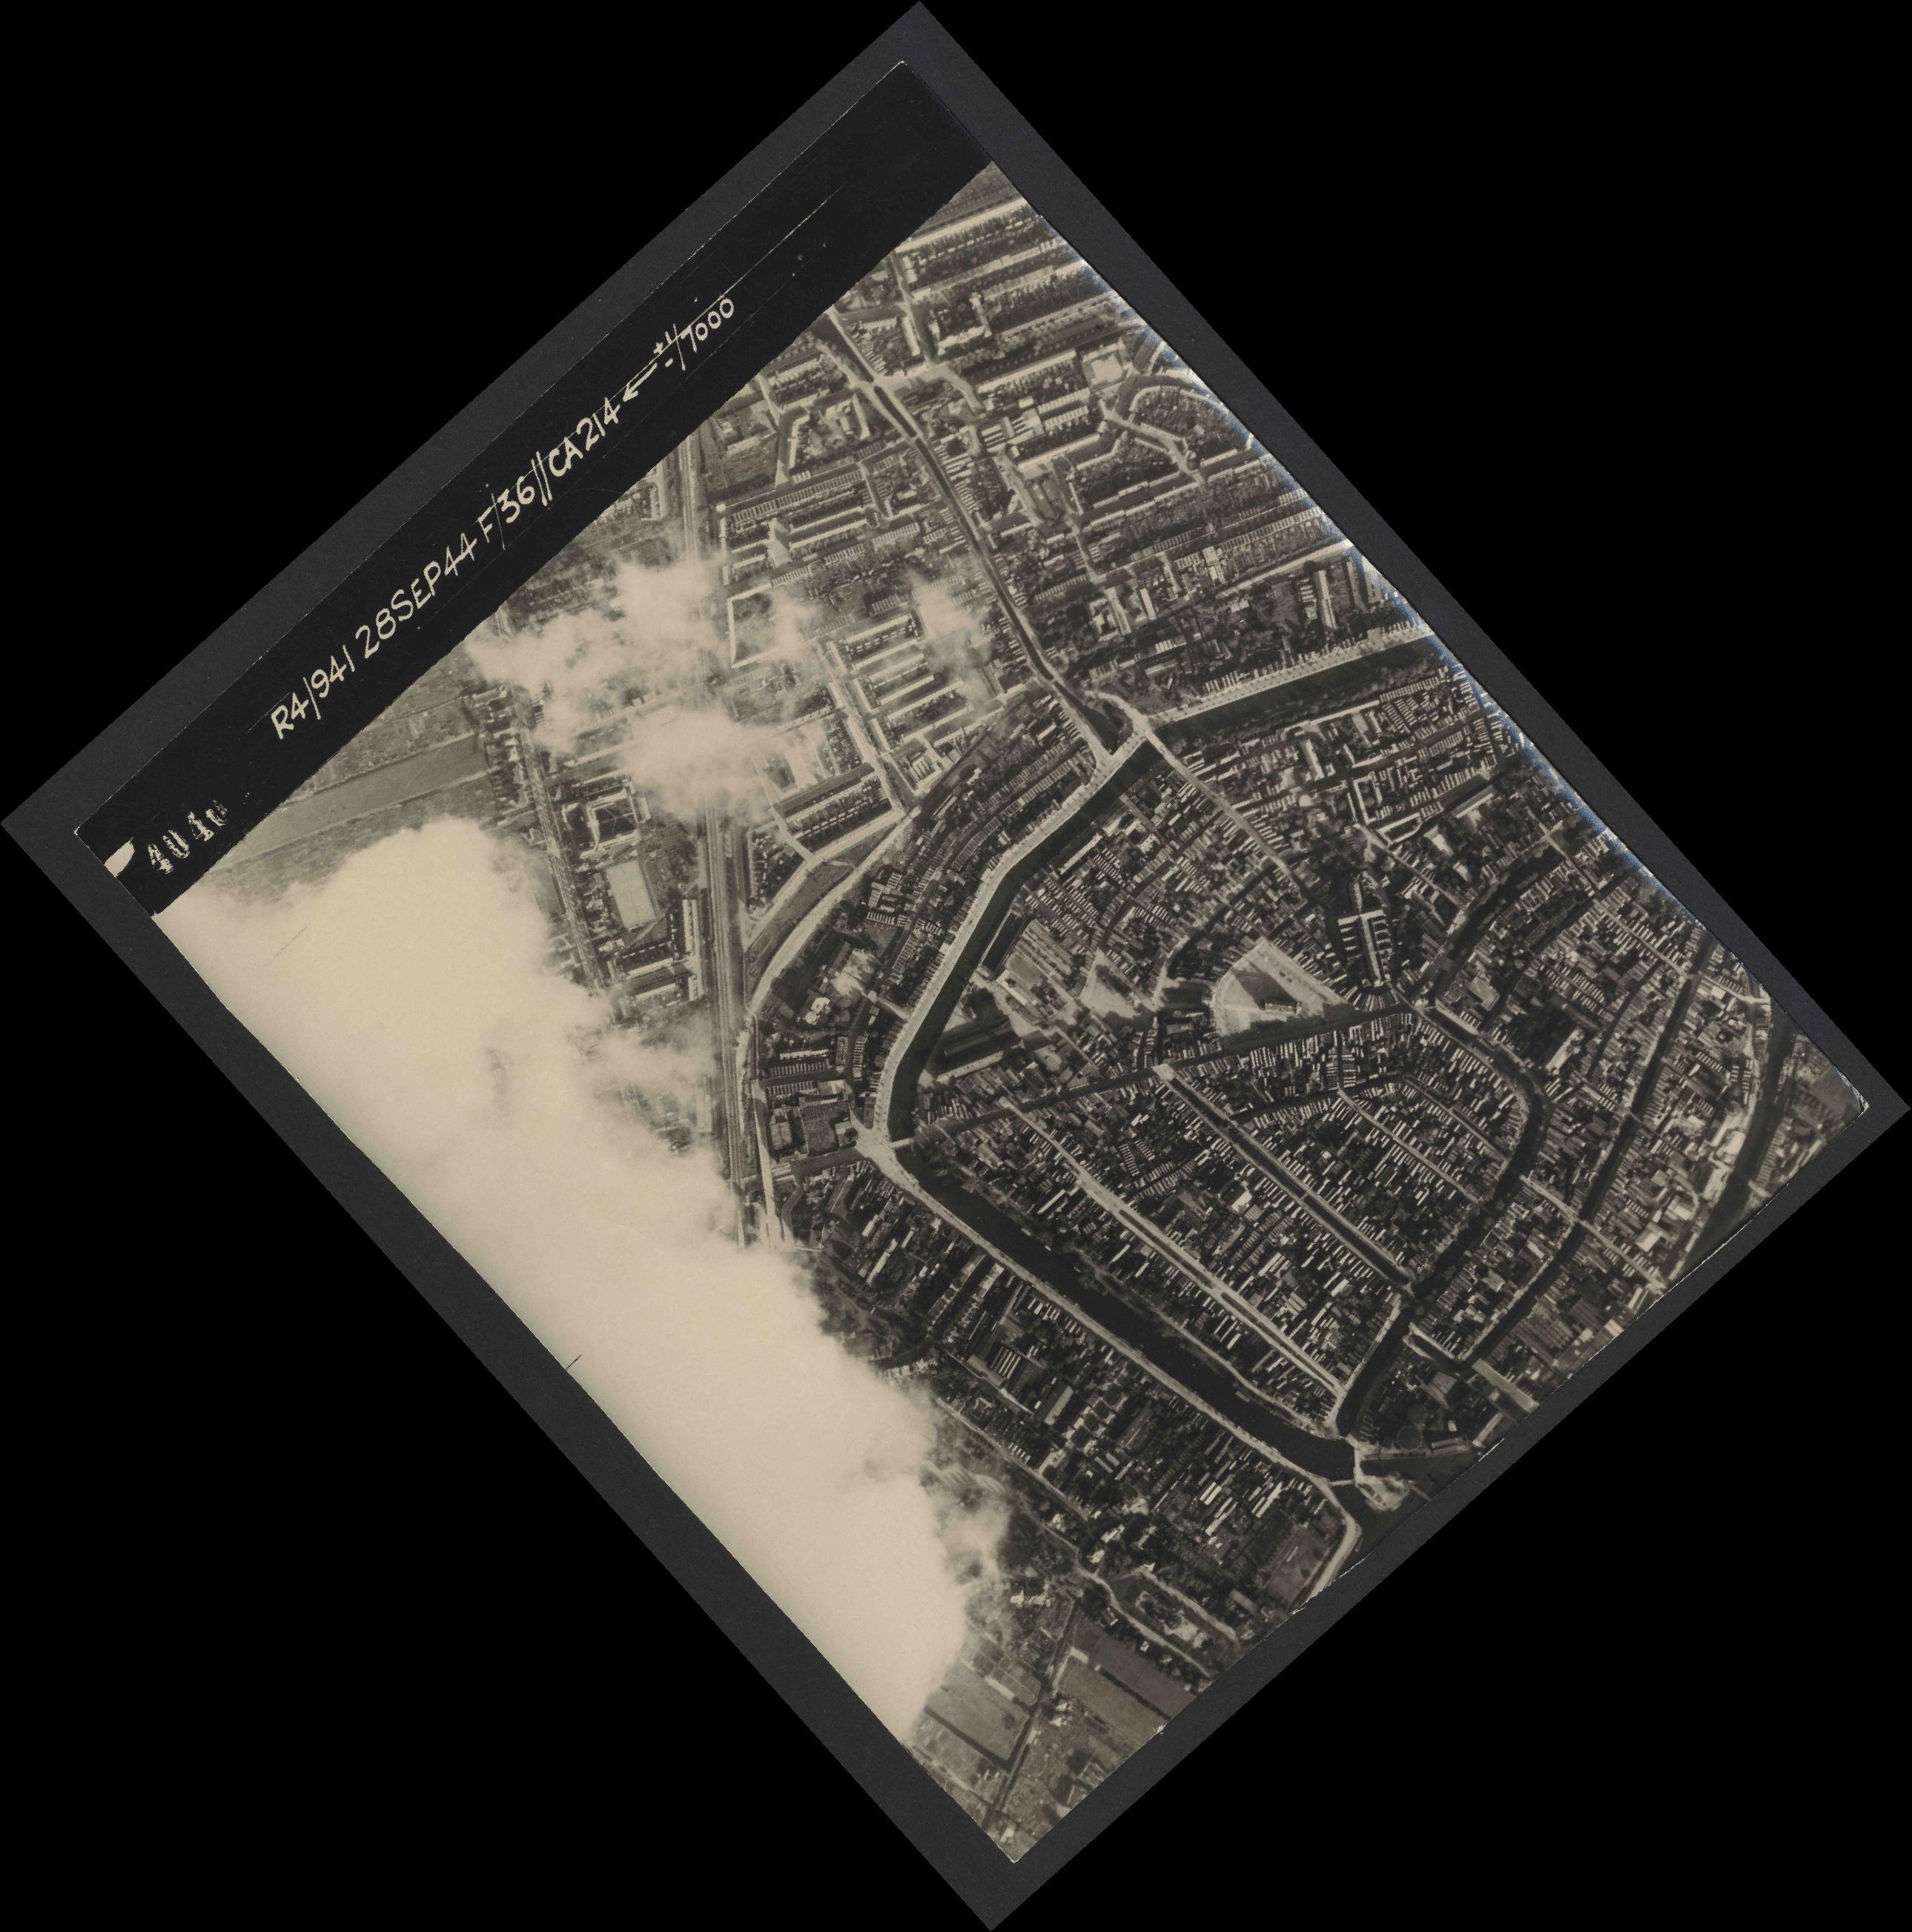 Collection RAF aerial photos 1940-1945 - flight 067, run 12, photo 4040